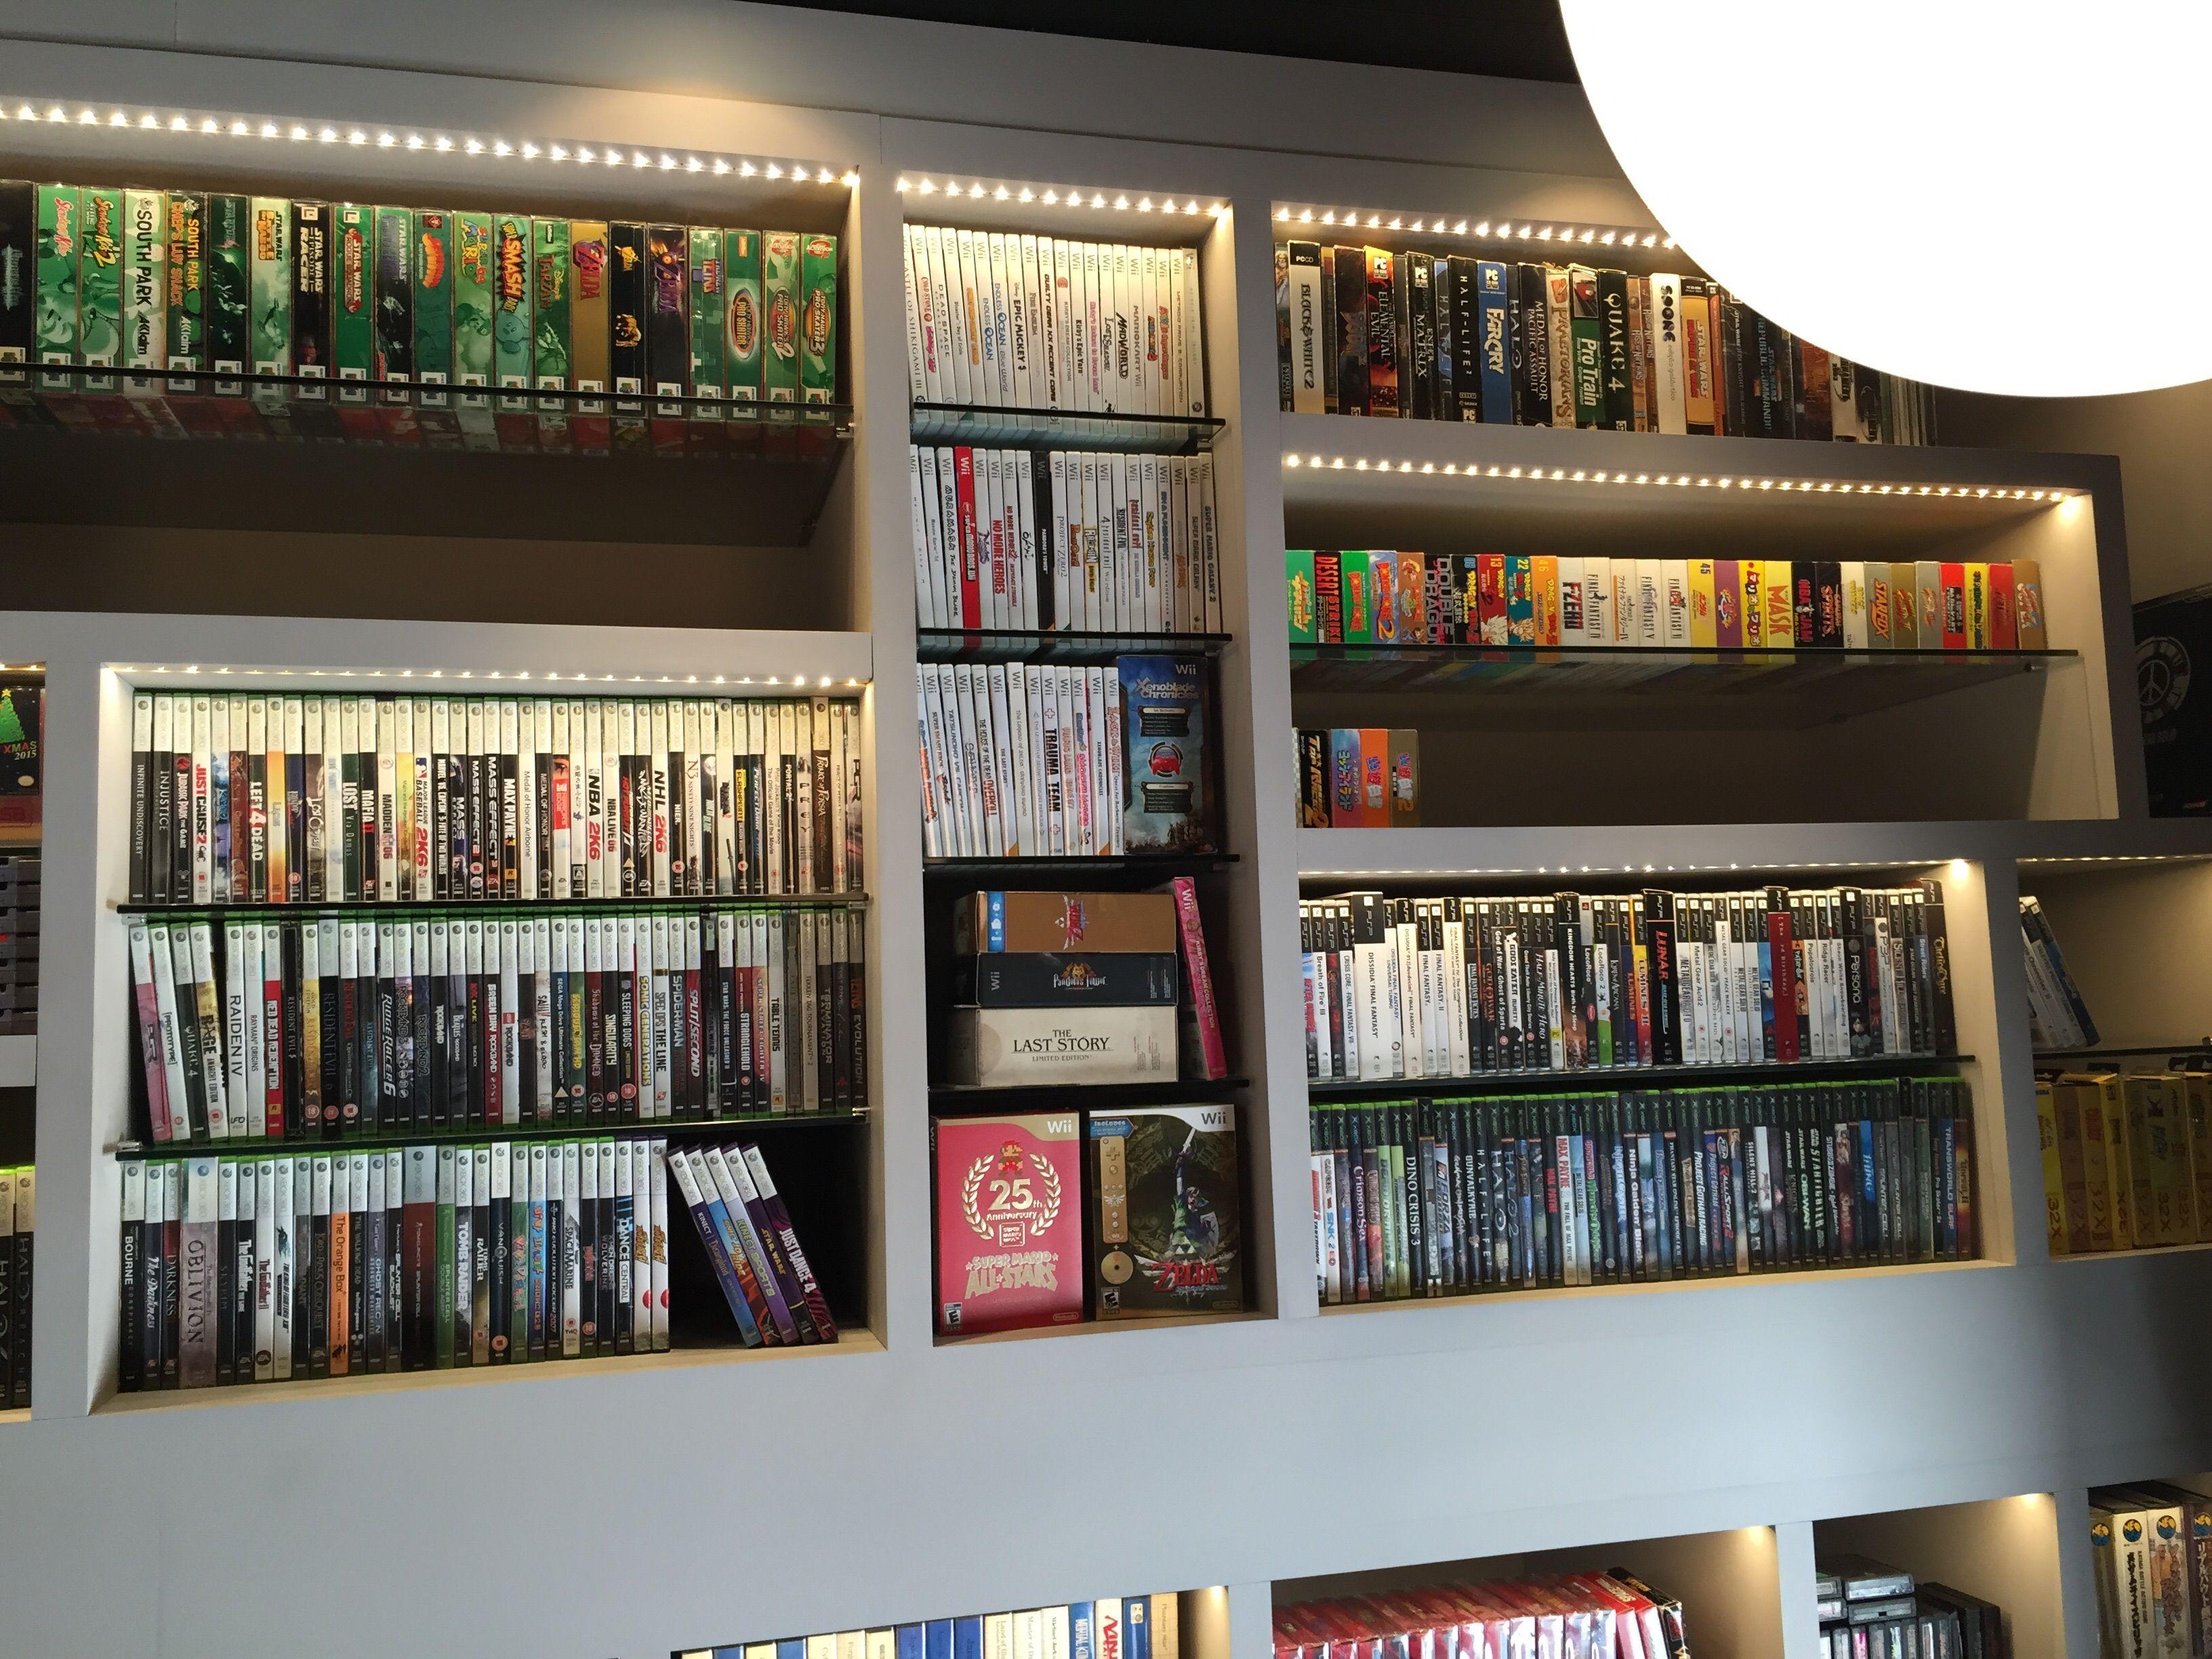 My Retro Game Room